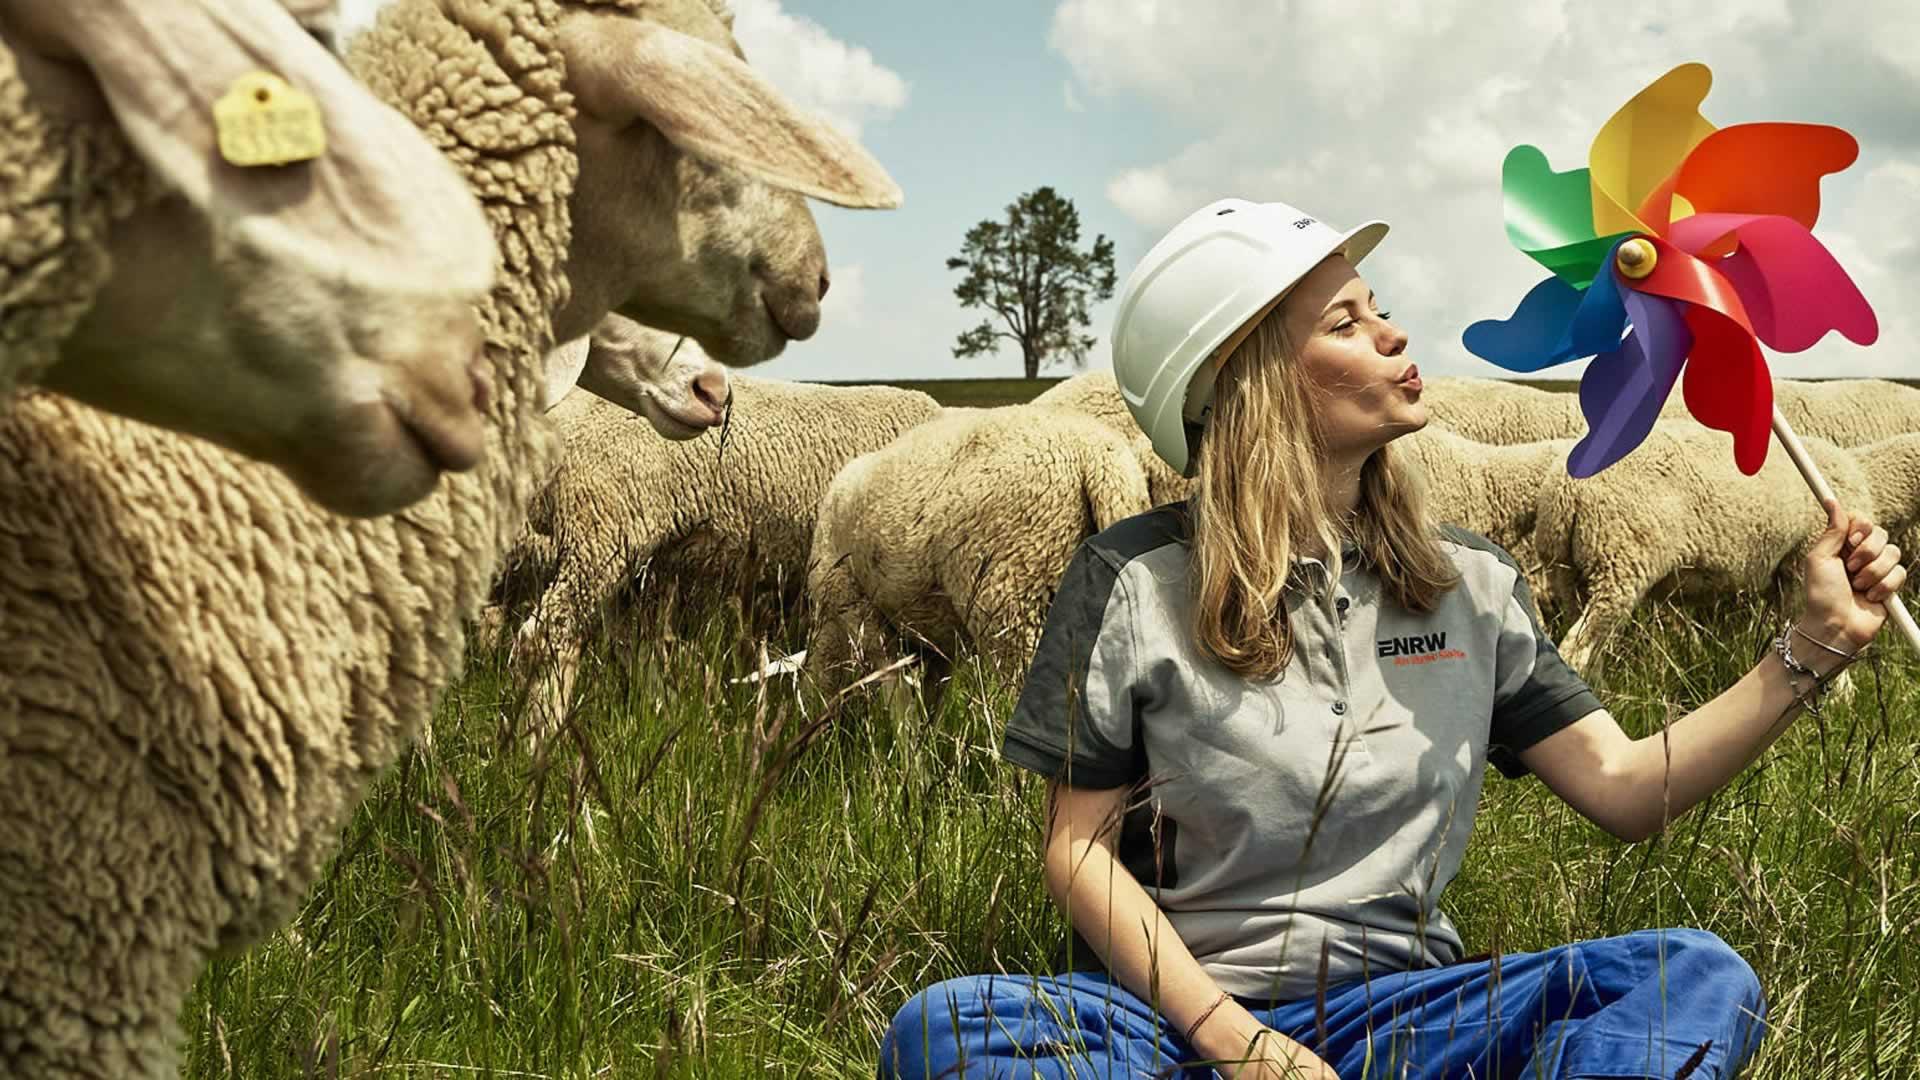 Frau sitzt aus einer Wiese mit Schafen im Hintergrund und pustet in ein buntes Windrad